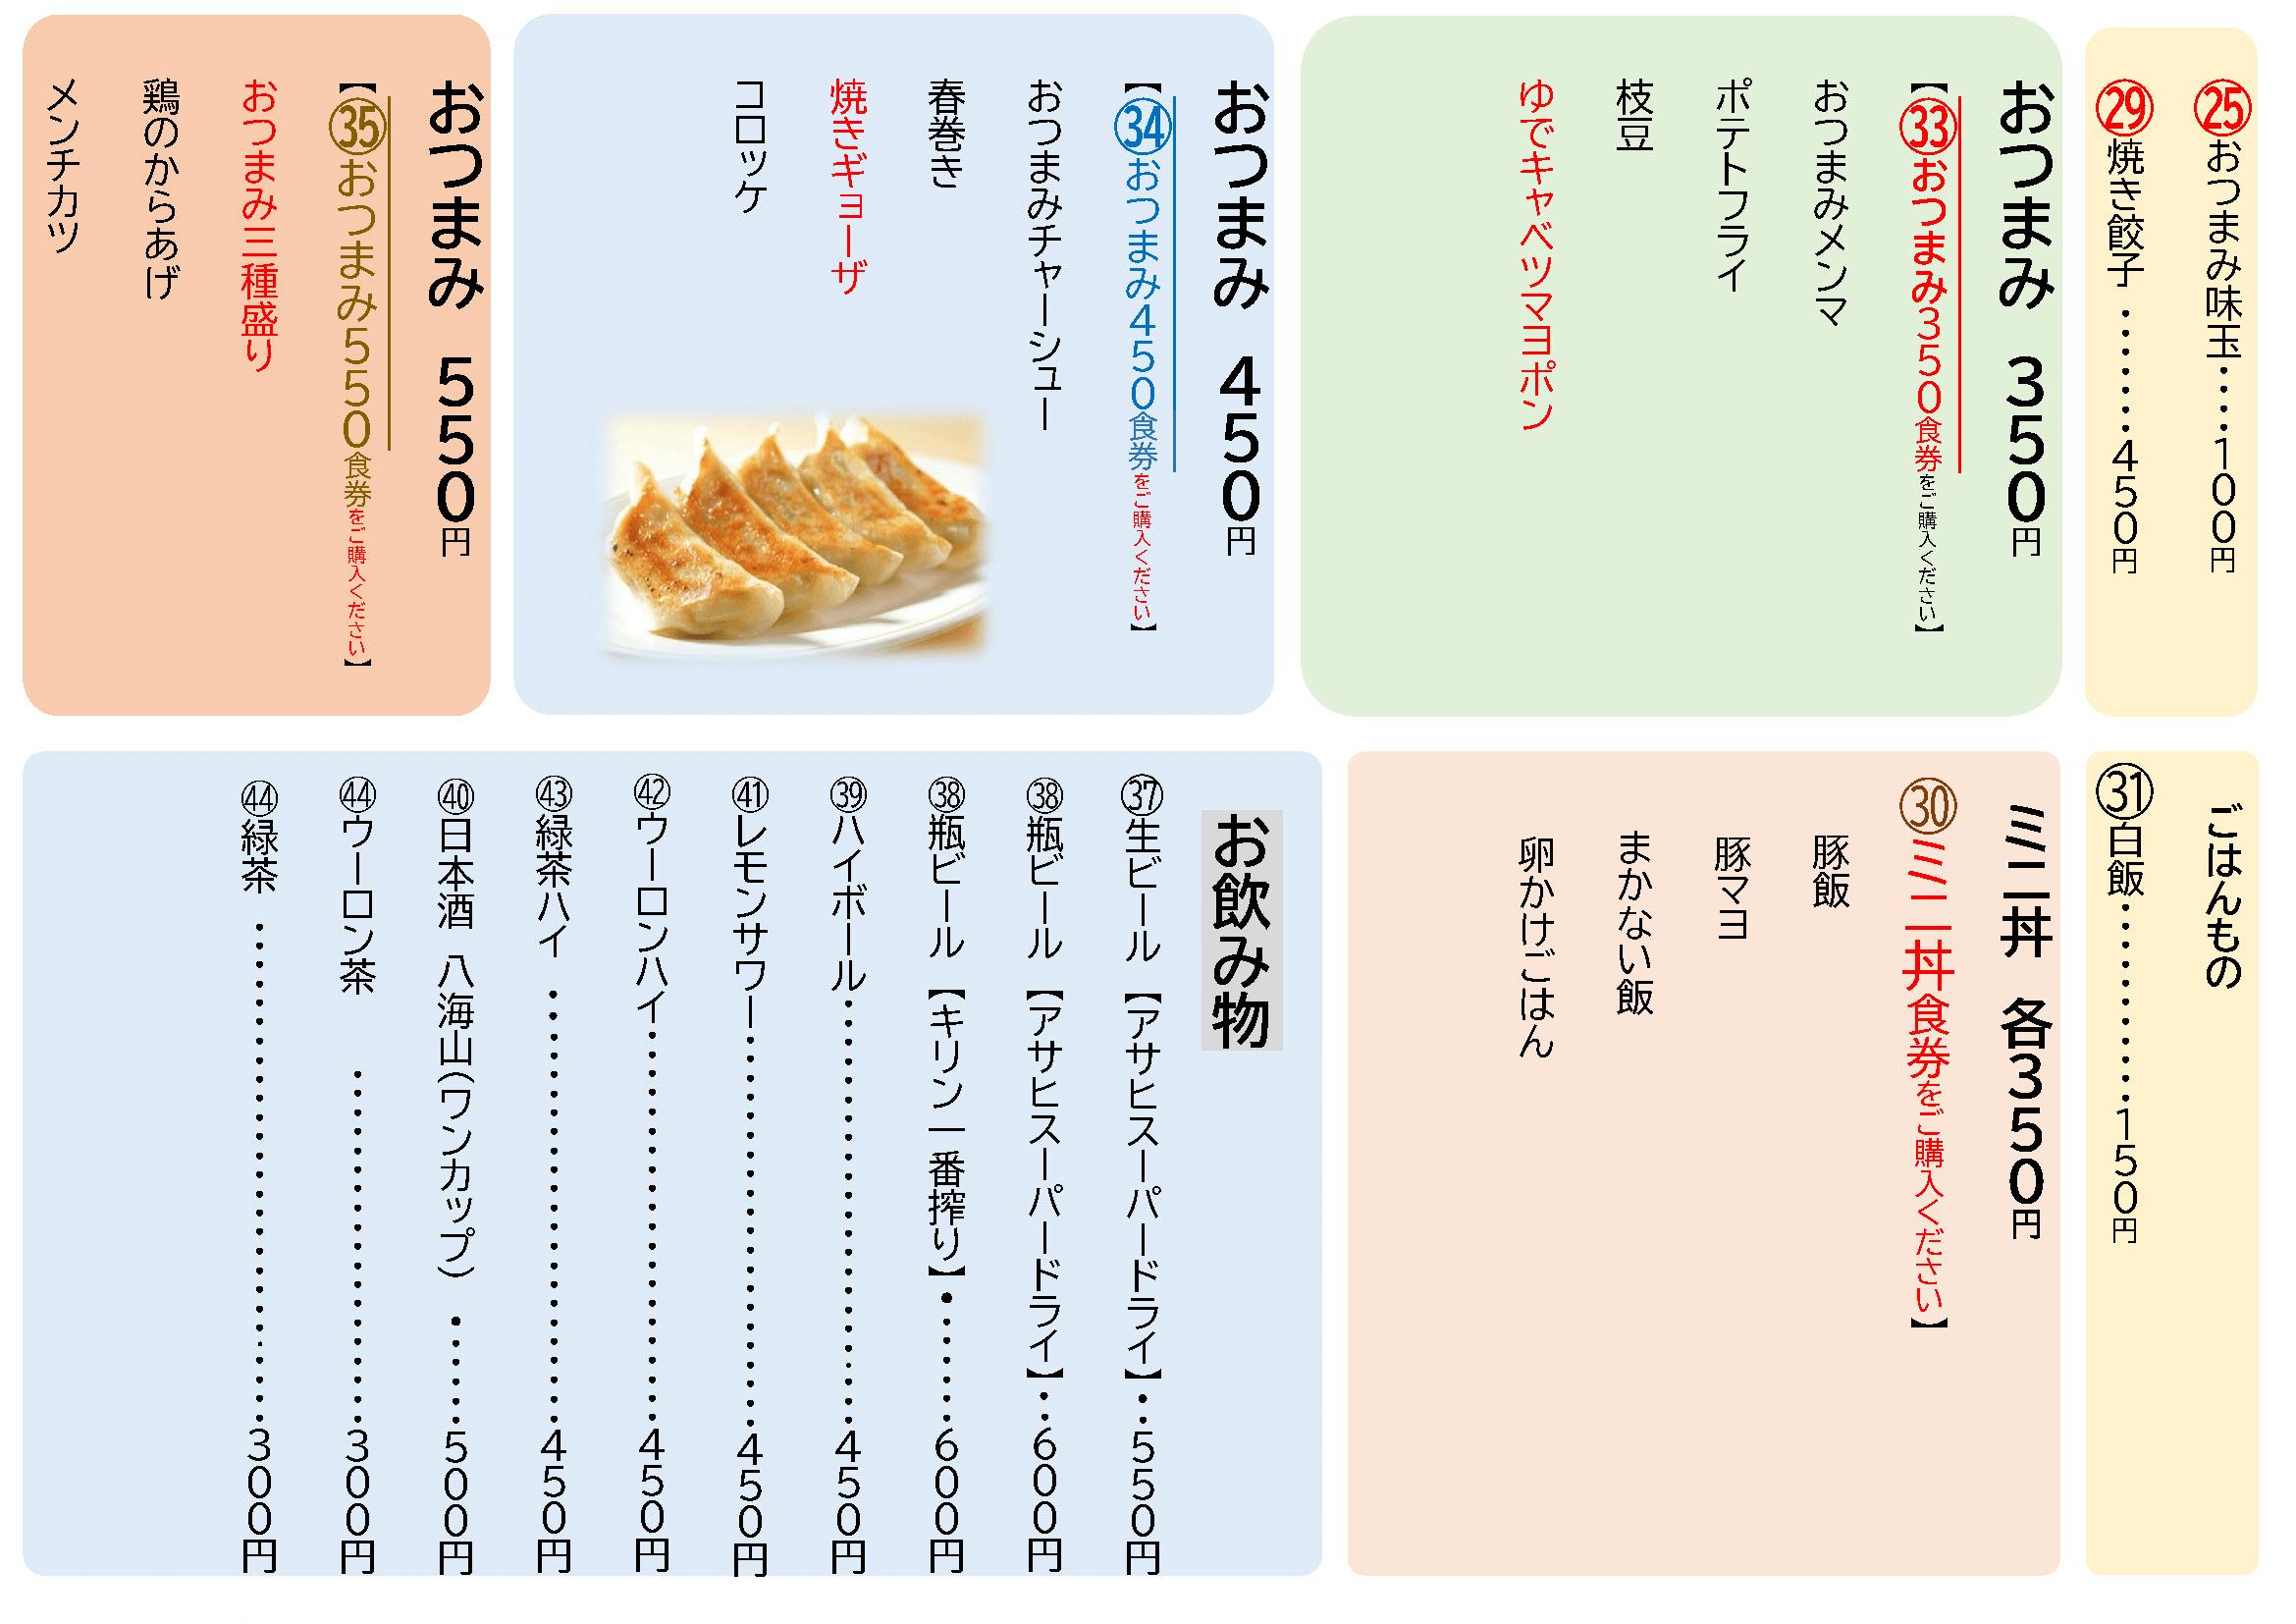 浅草醬油ラーメンきび太郎グランドメニュー1